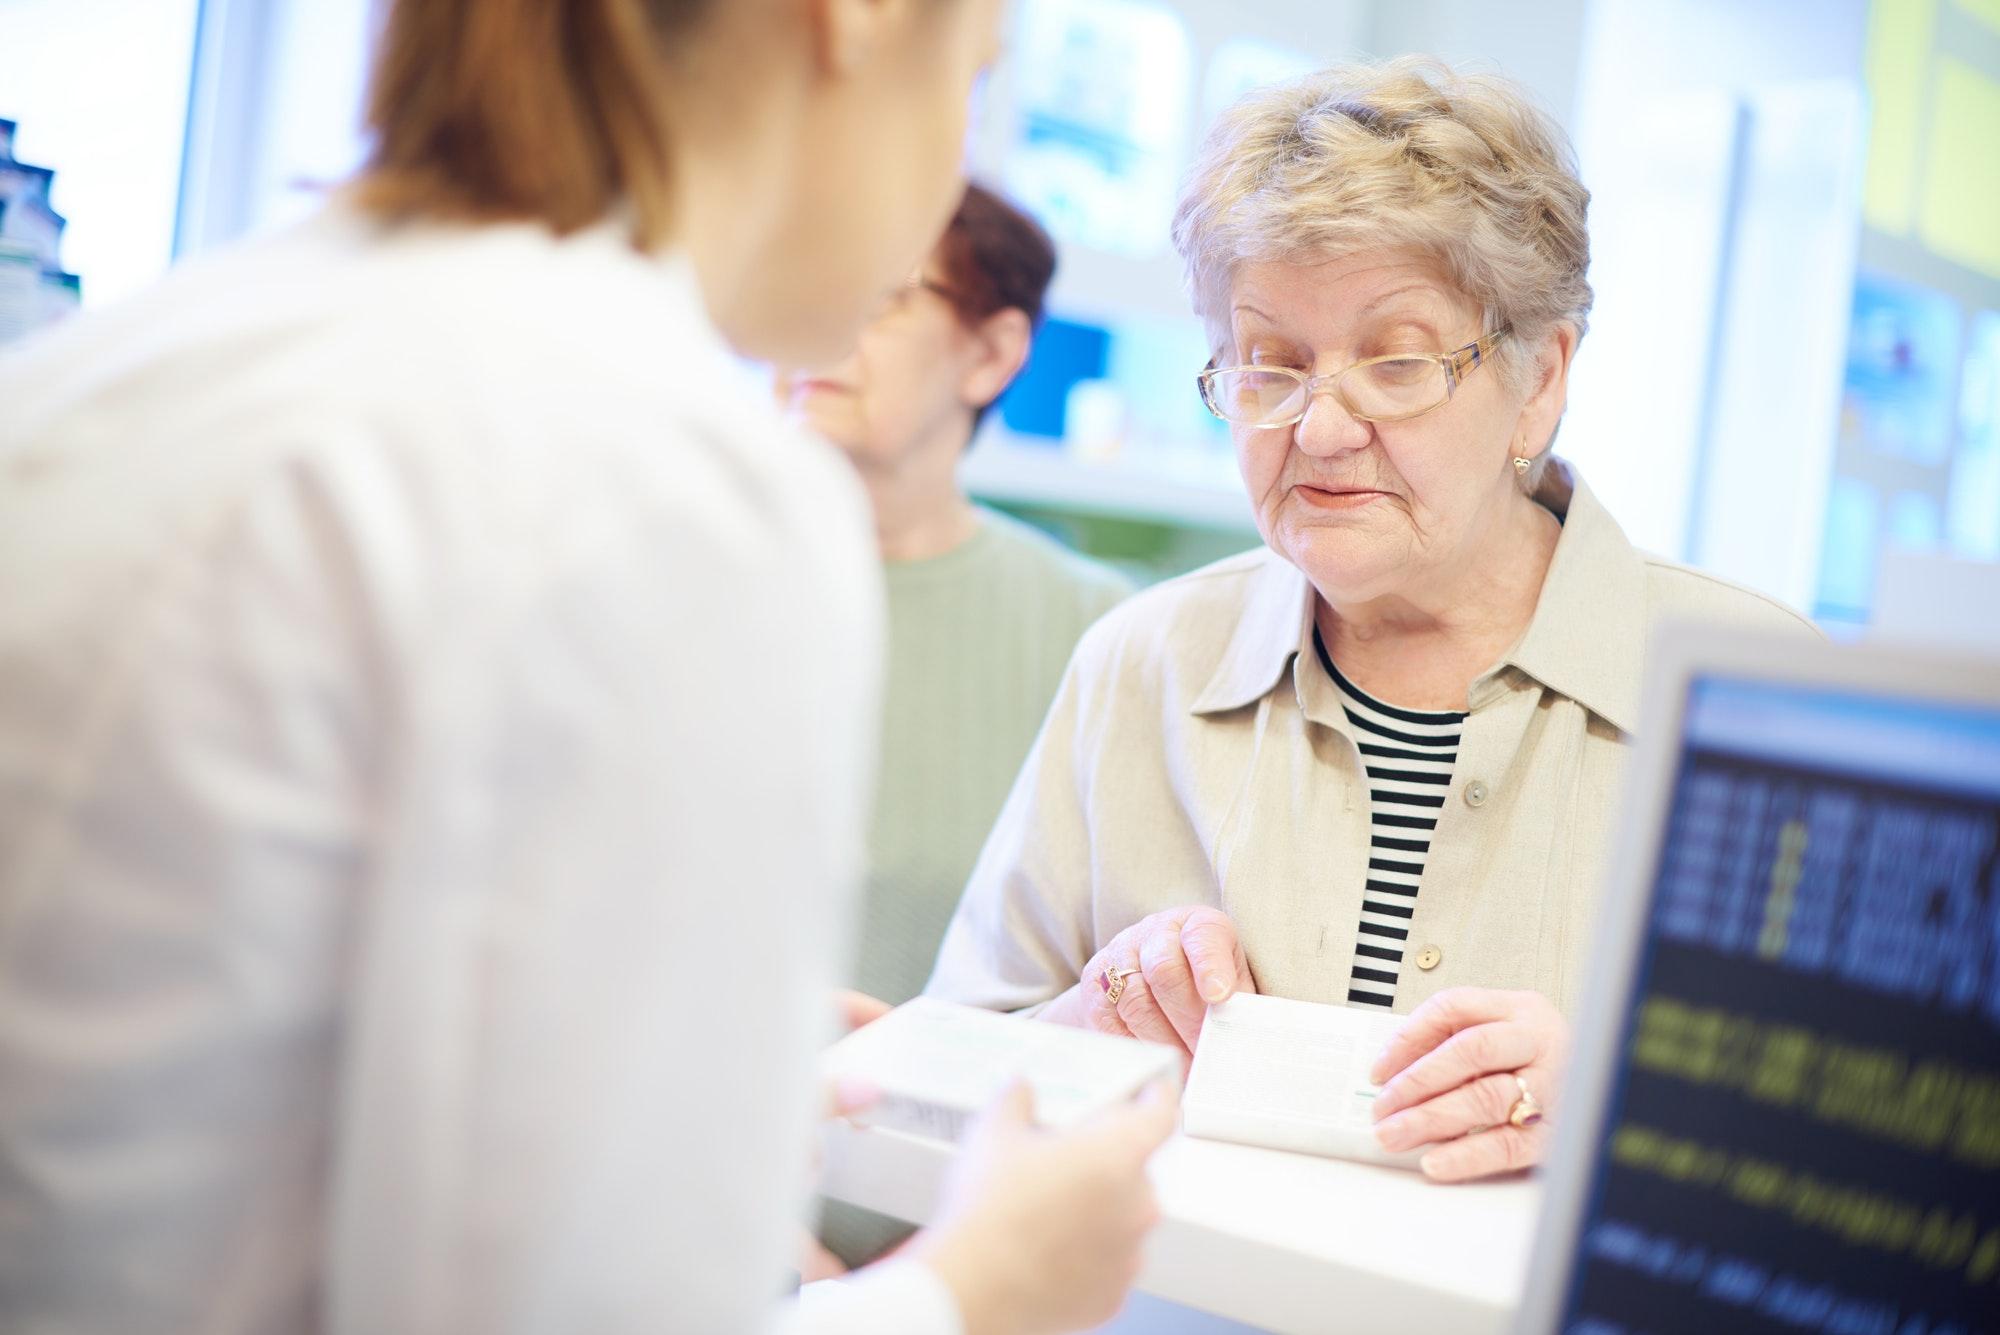 Senior customer at cash register with pharmacist